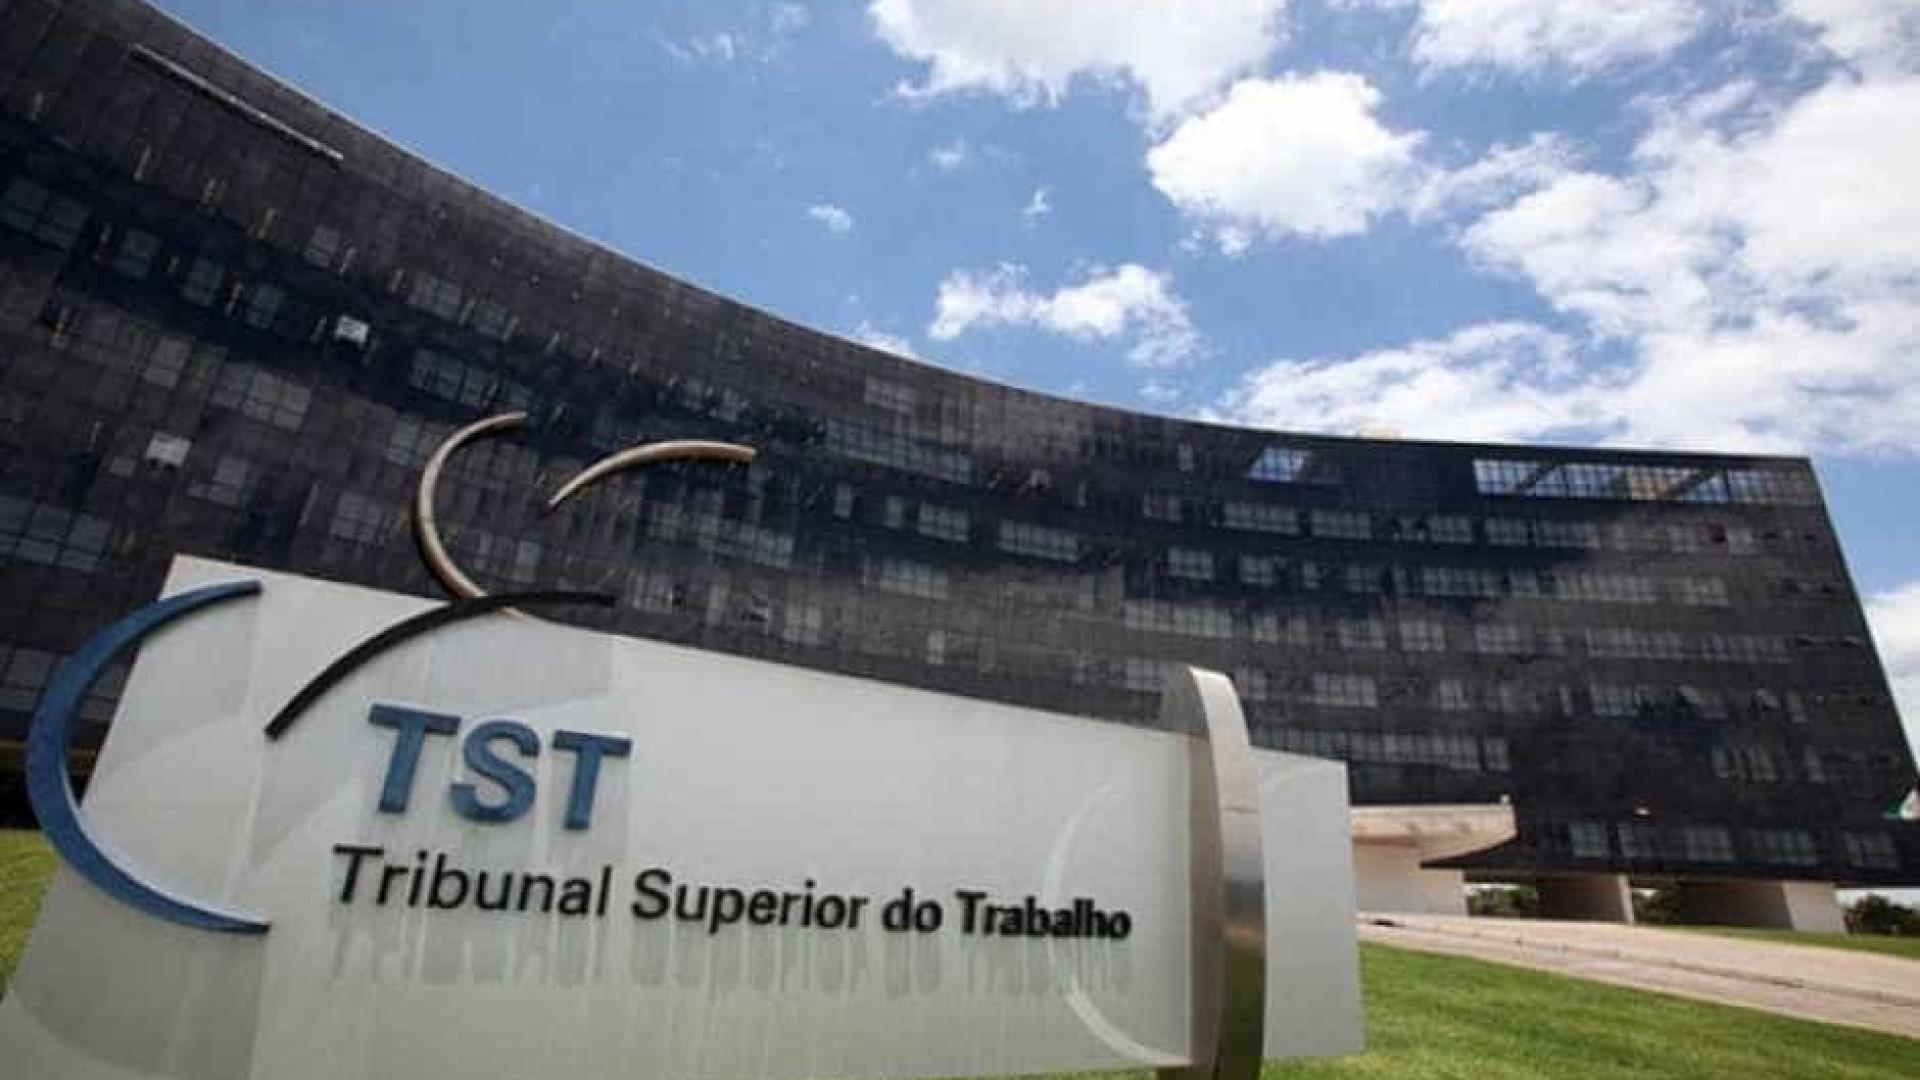 Após impasse, TST dá aumento abaixo da inflação para funcionários